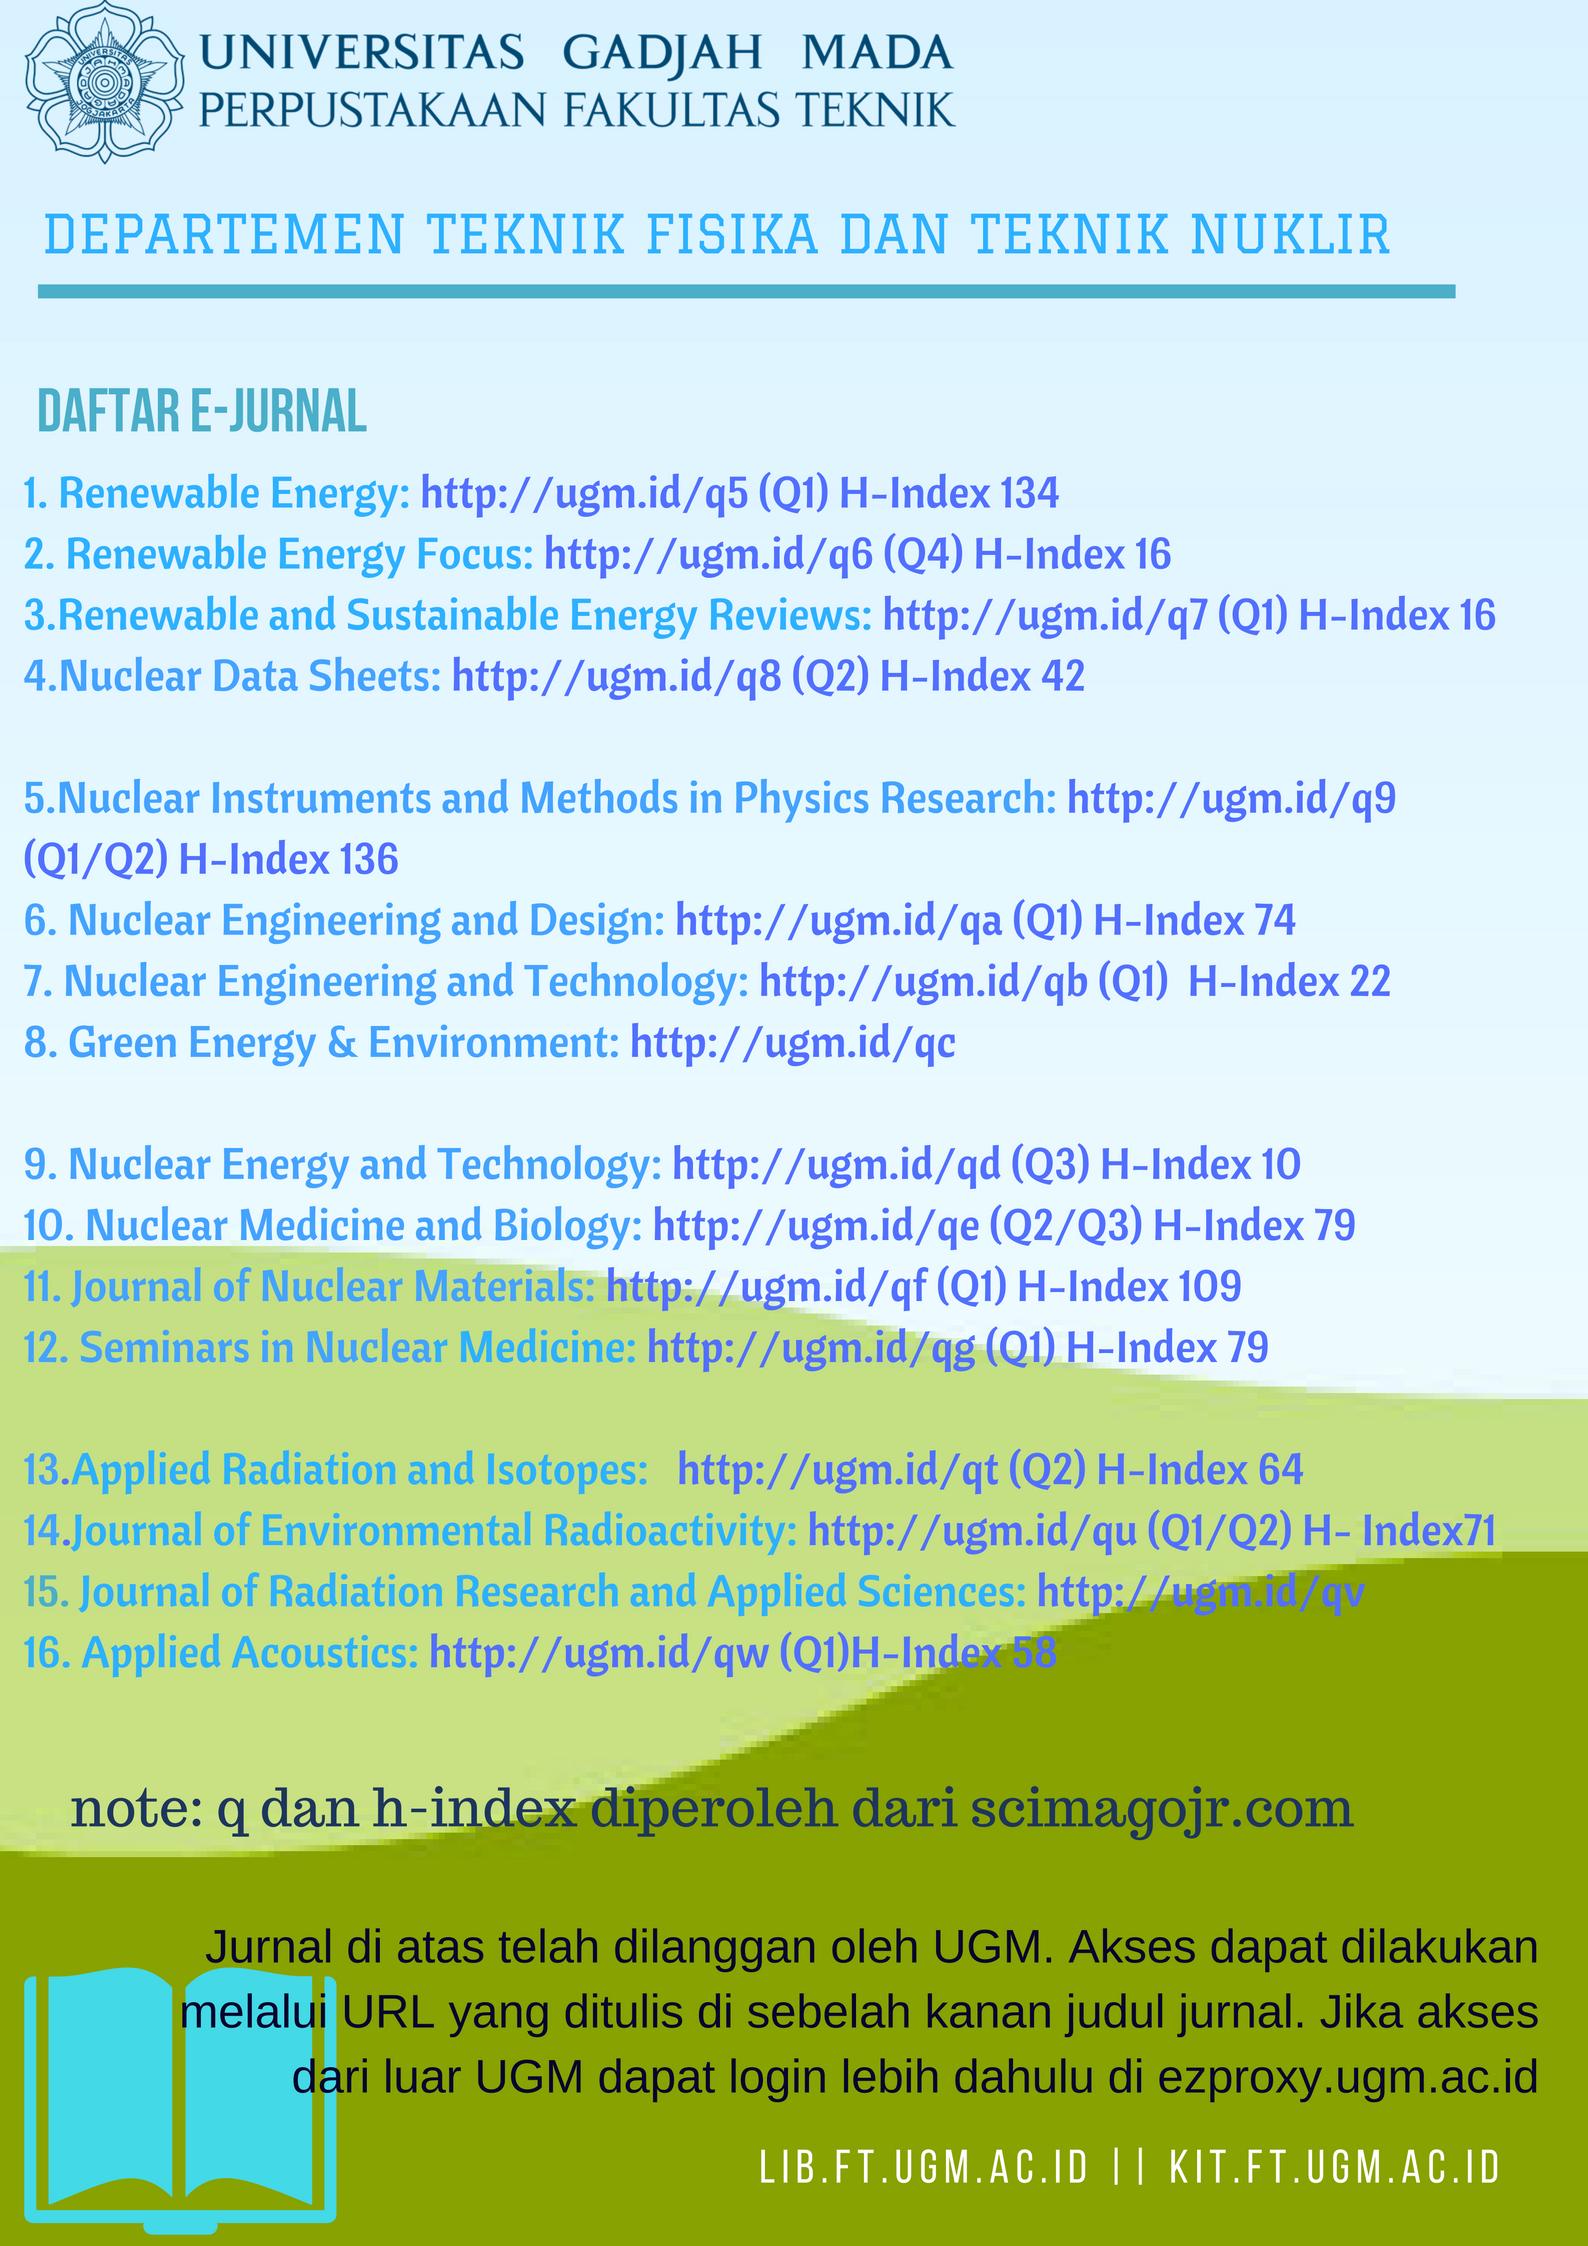 e-jurnal bidang teknik fisika dan teknik nuklir